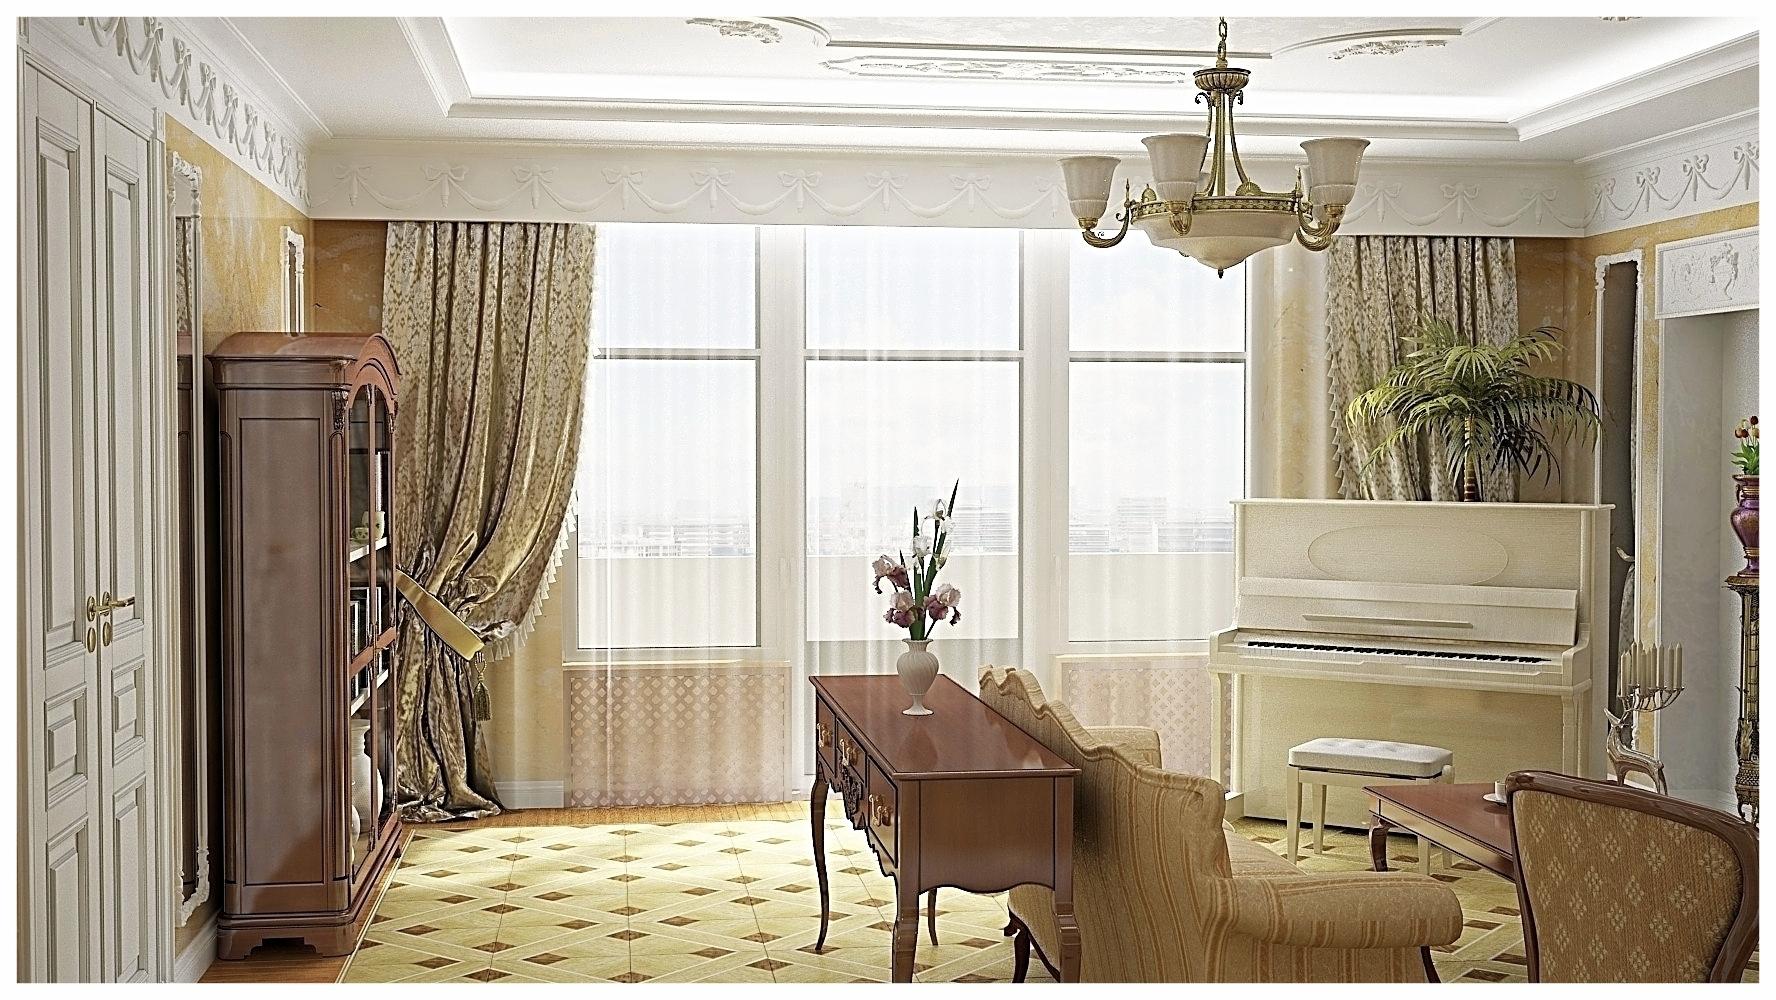 Дизайн интерьеров квартиры в дворцовом стиле. Гостиная 2.